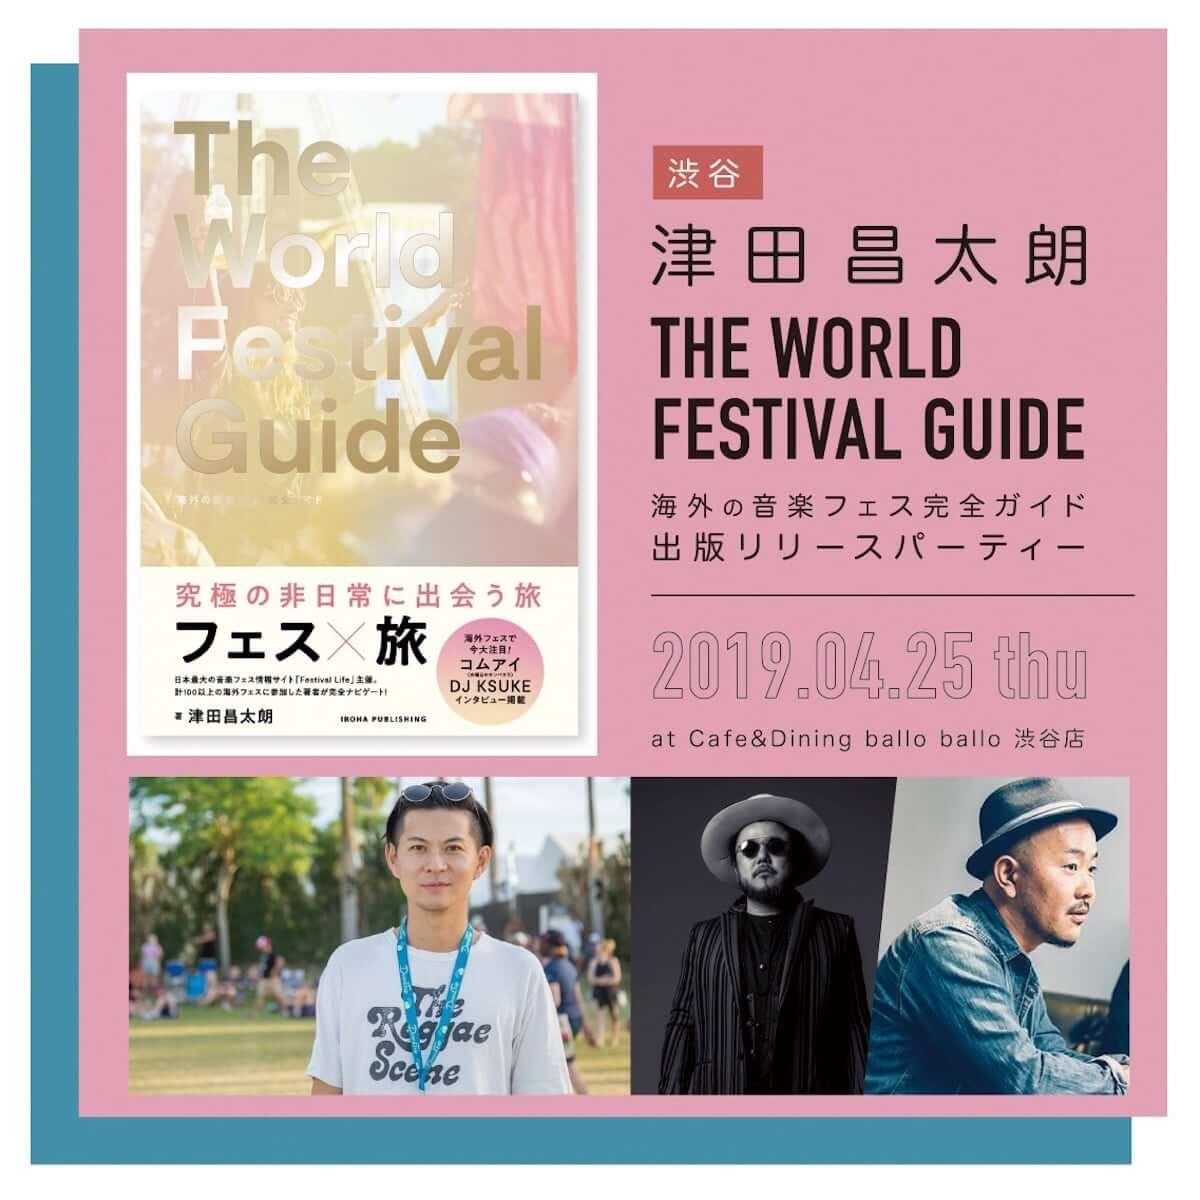 「フェス×旅」をテーマにした海外フェスガイドブック『THE WORLD FESTIVAL GUIDE 世界の海外フェス完全ガイド』発売! life190424_theworldfestivalguide2-1200x1200